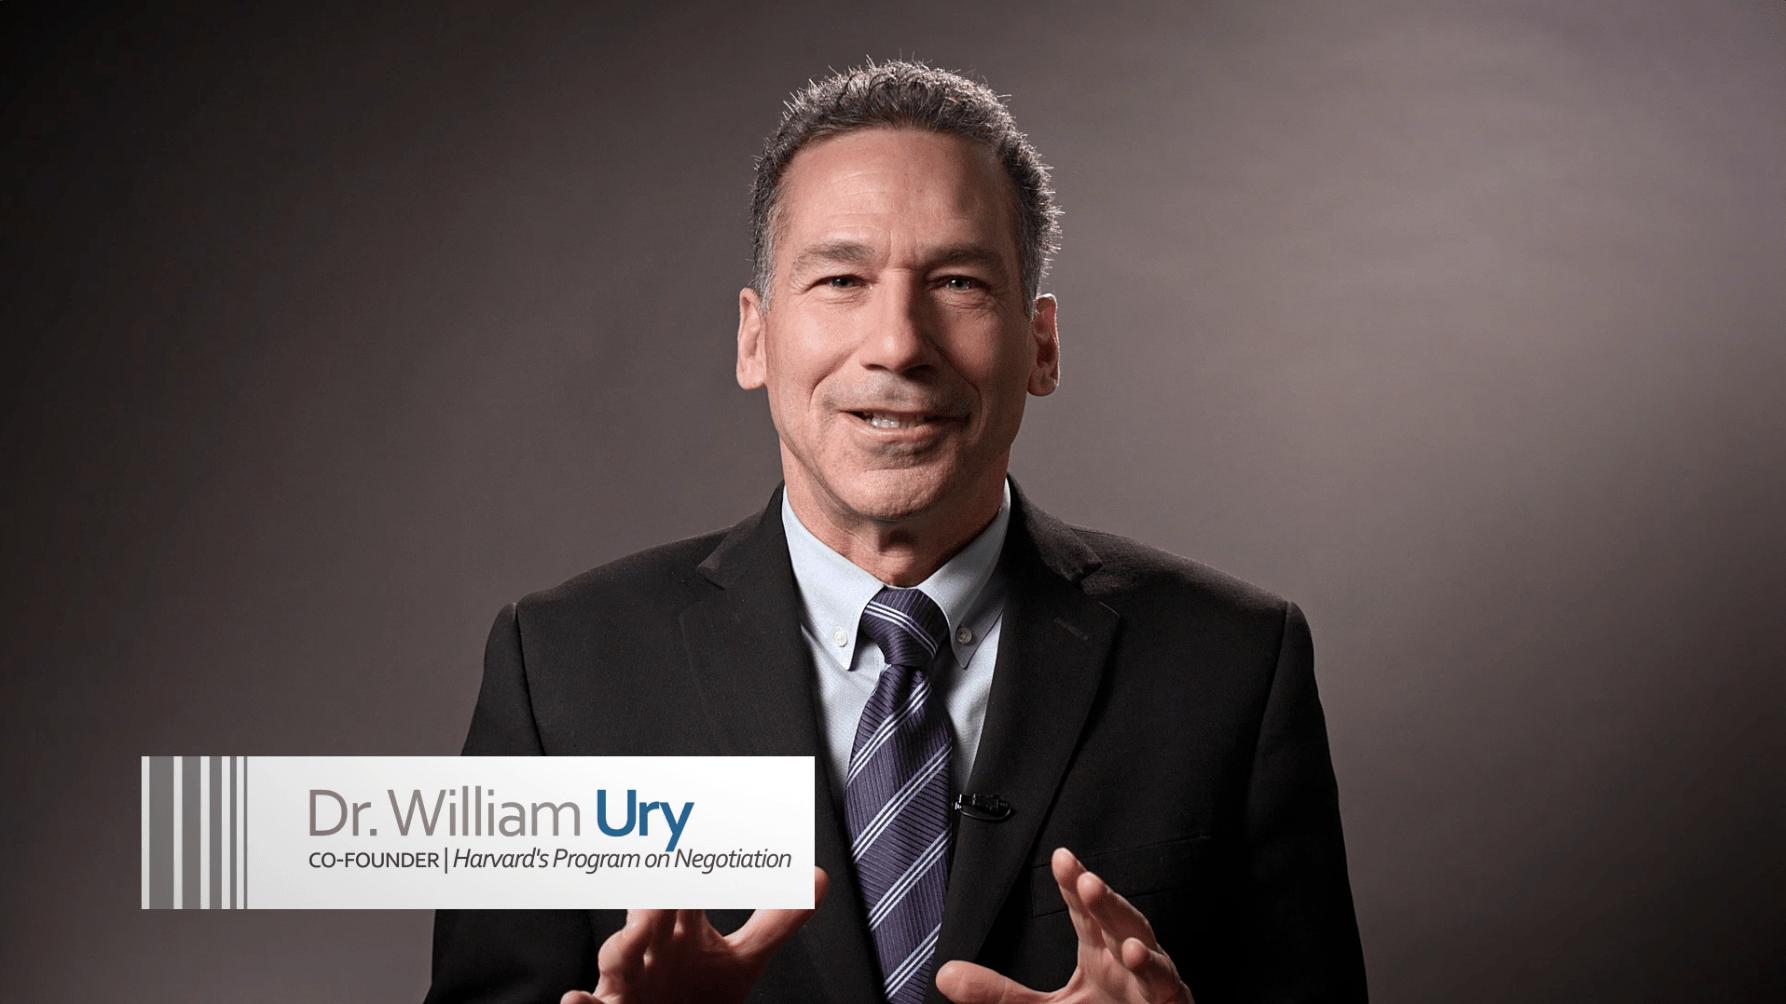 Dr. William Ury